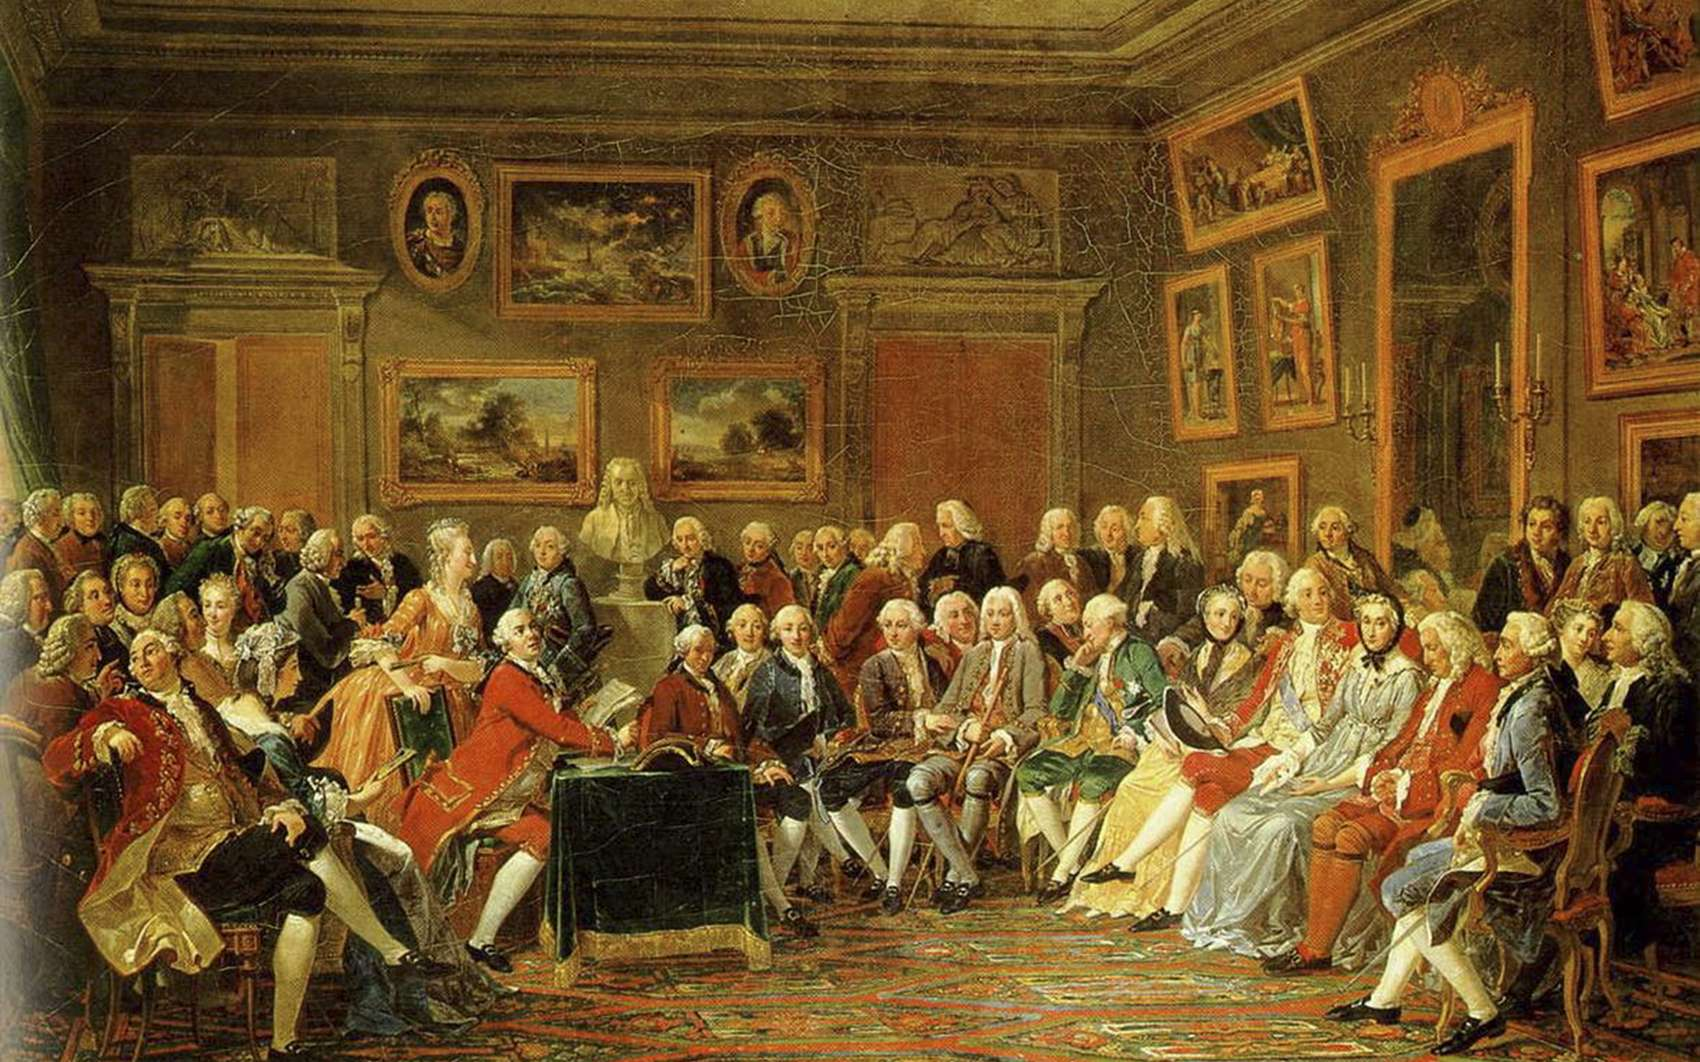 « Lecture de la tragédie de l'orphelin de la Chine de Voltaire dans le salon de Madame Geoffrin ». © Anicet Charles Gabriel Lemonnier, Wikimedia Commons, Domaine public